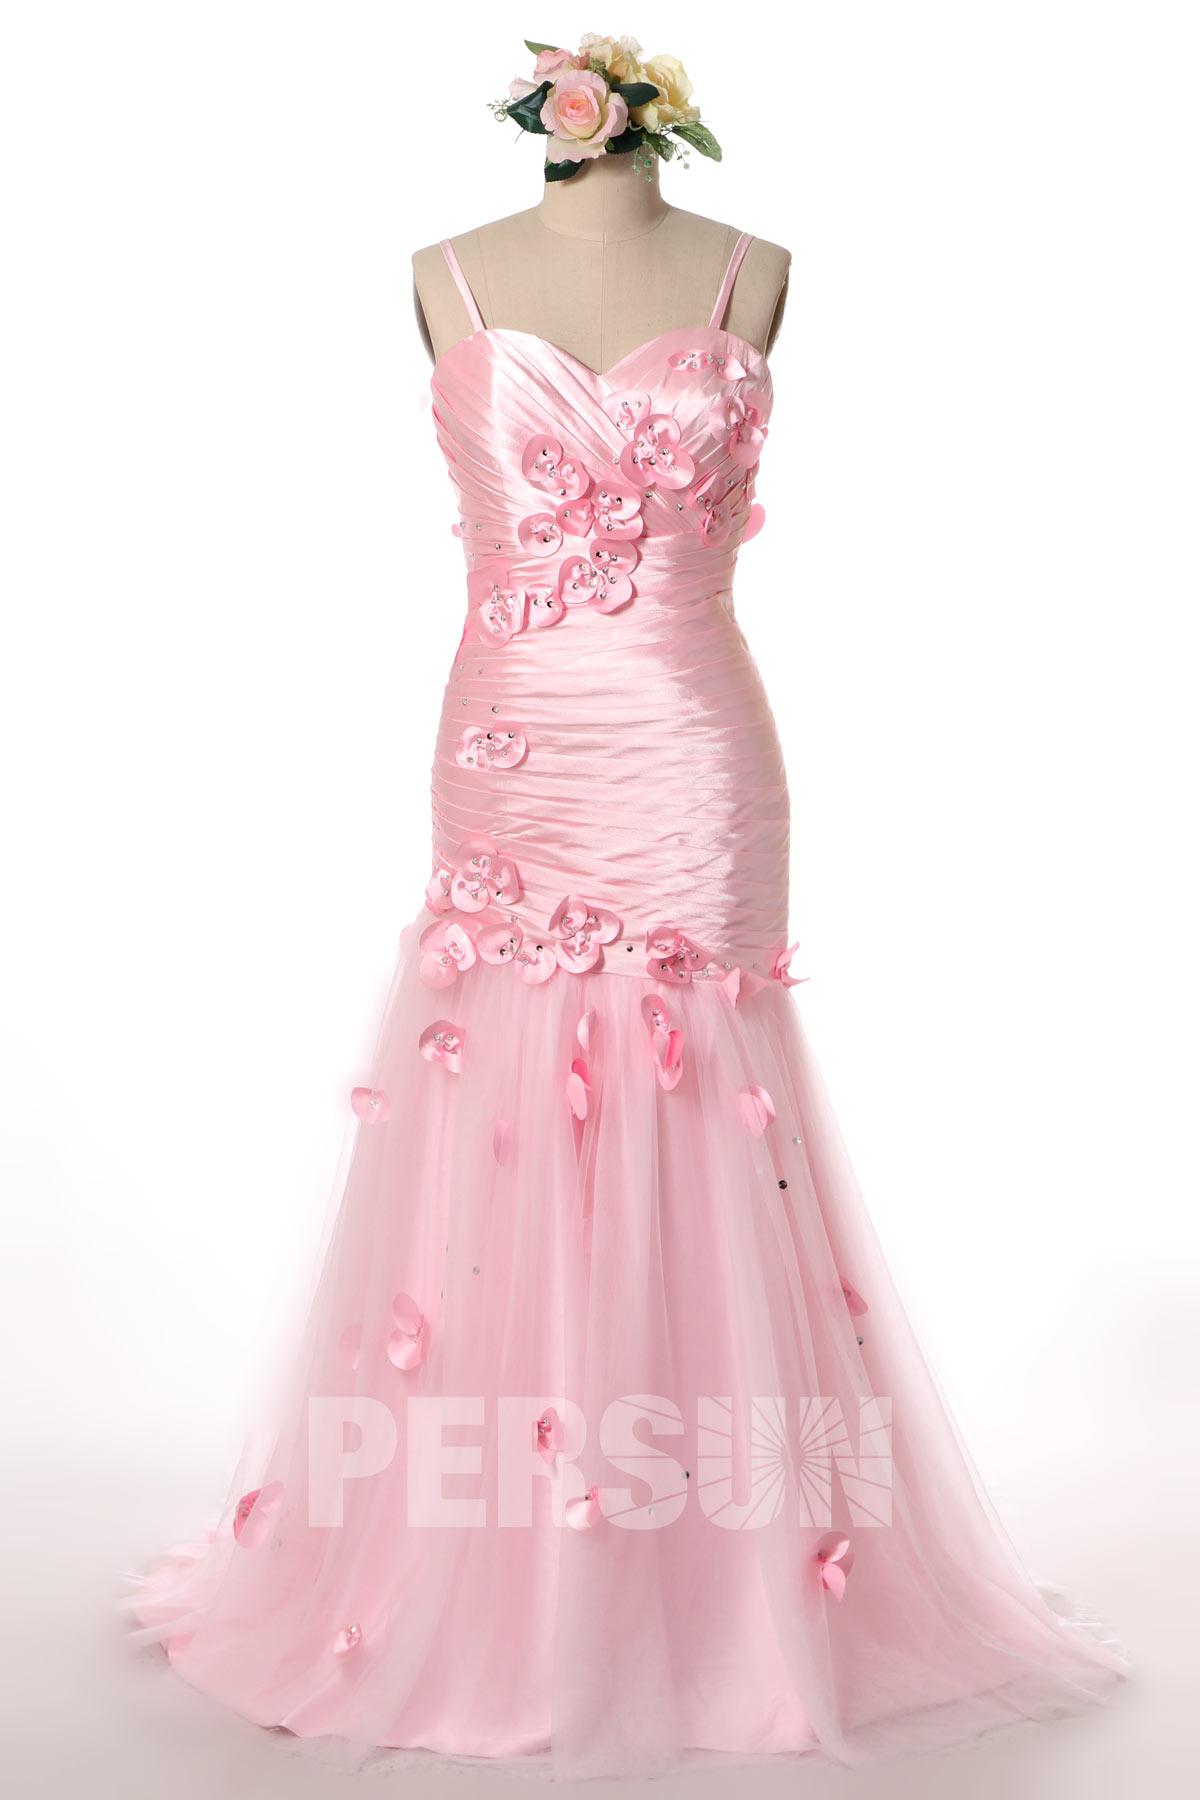 magnifique robe de soirée rose moulante sirène satin brillant pétales